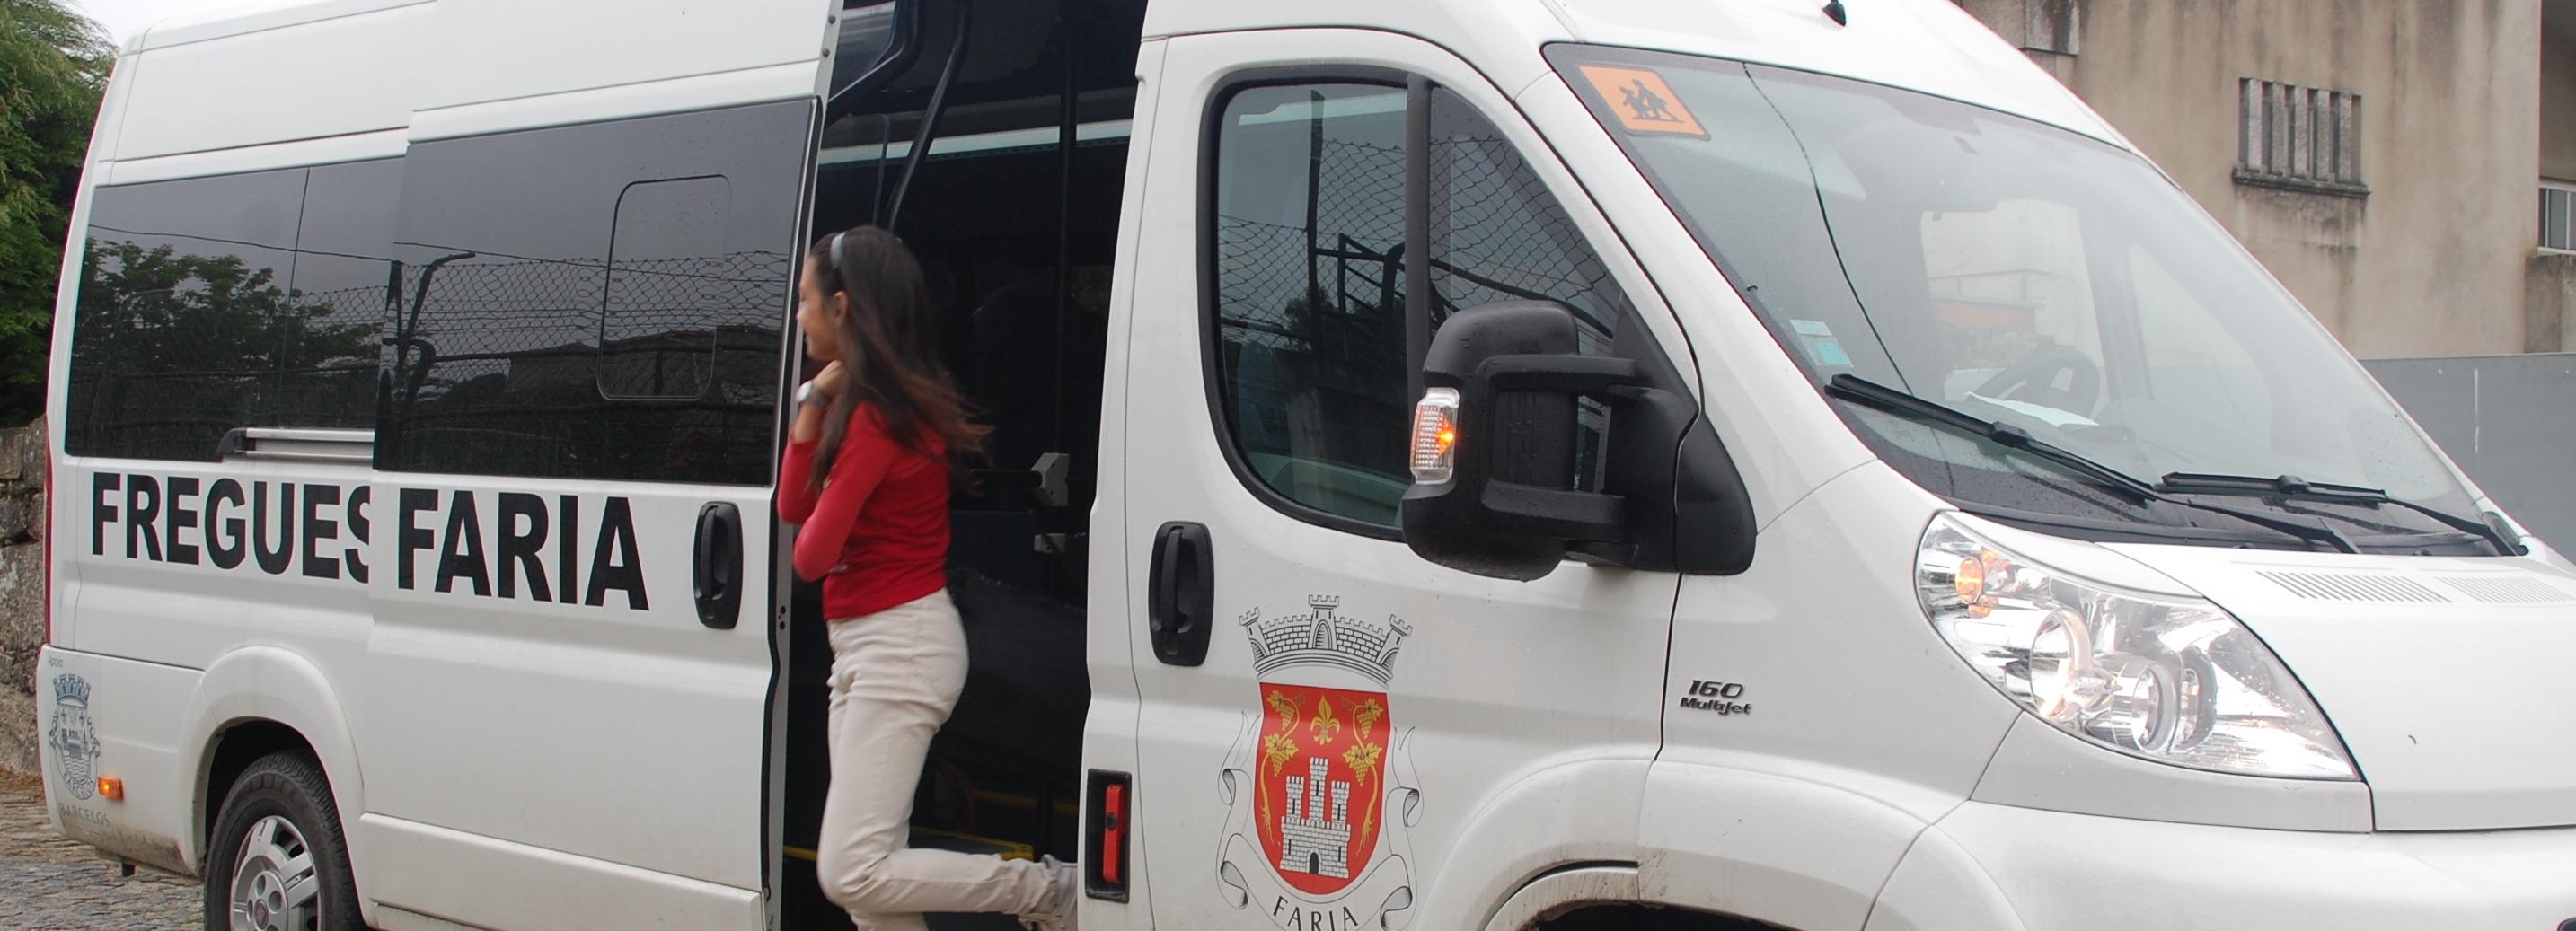 Câmara Municipal subsidia mini-autocarro para transporte dos alunos de Goios